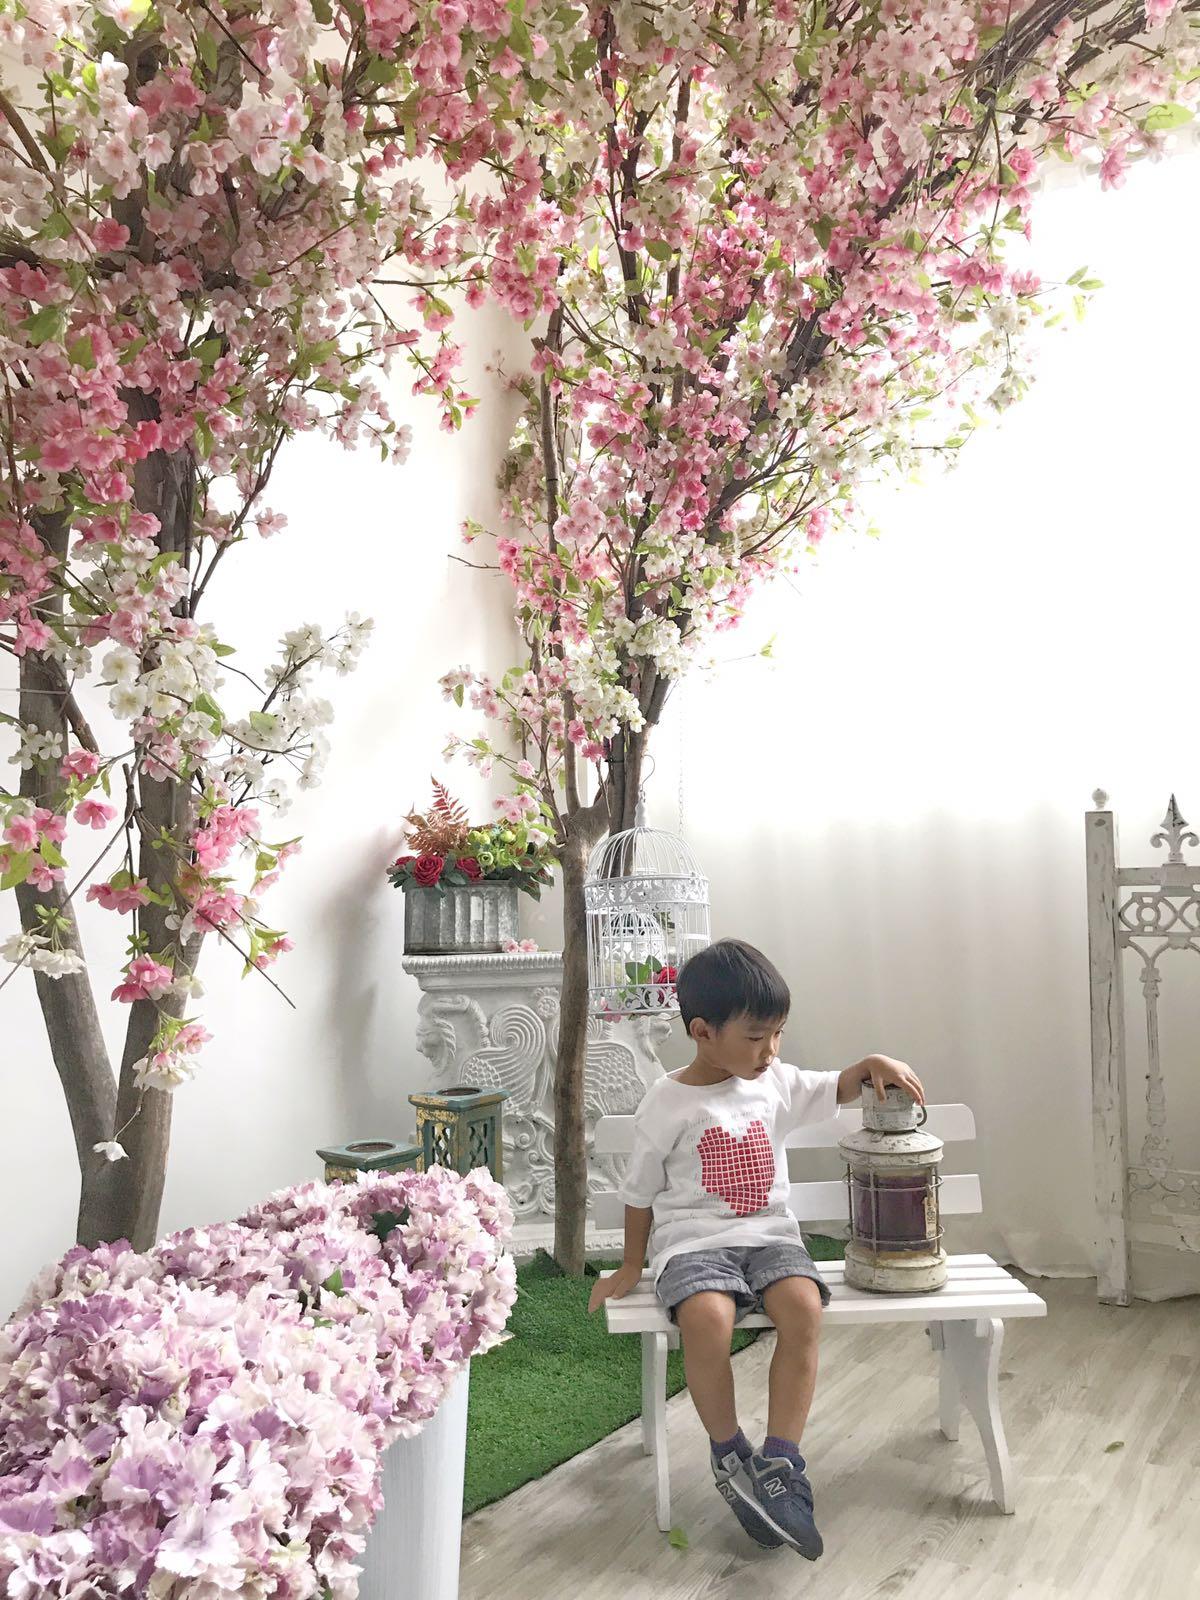 The Sakura